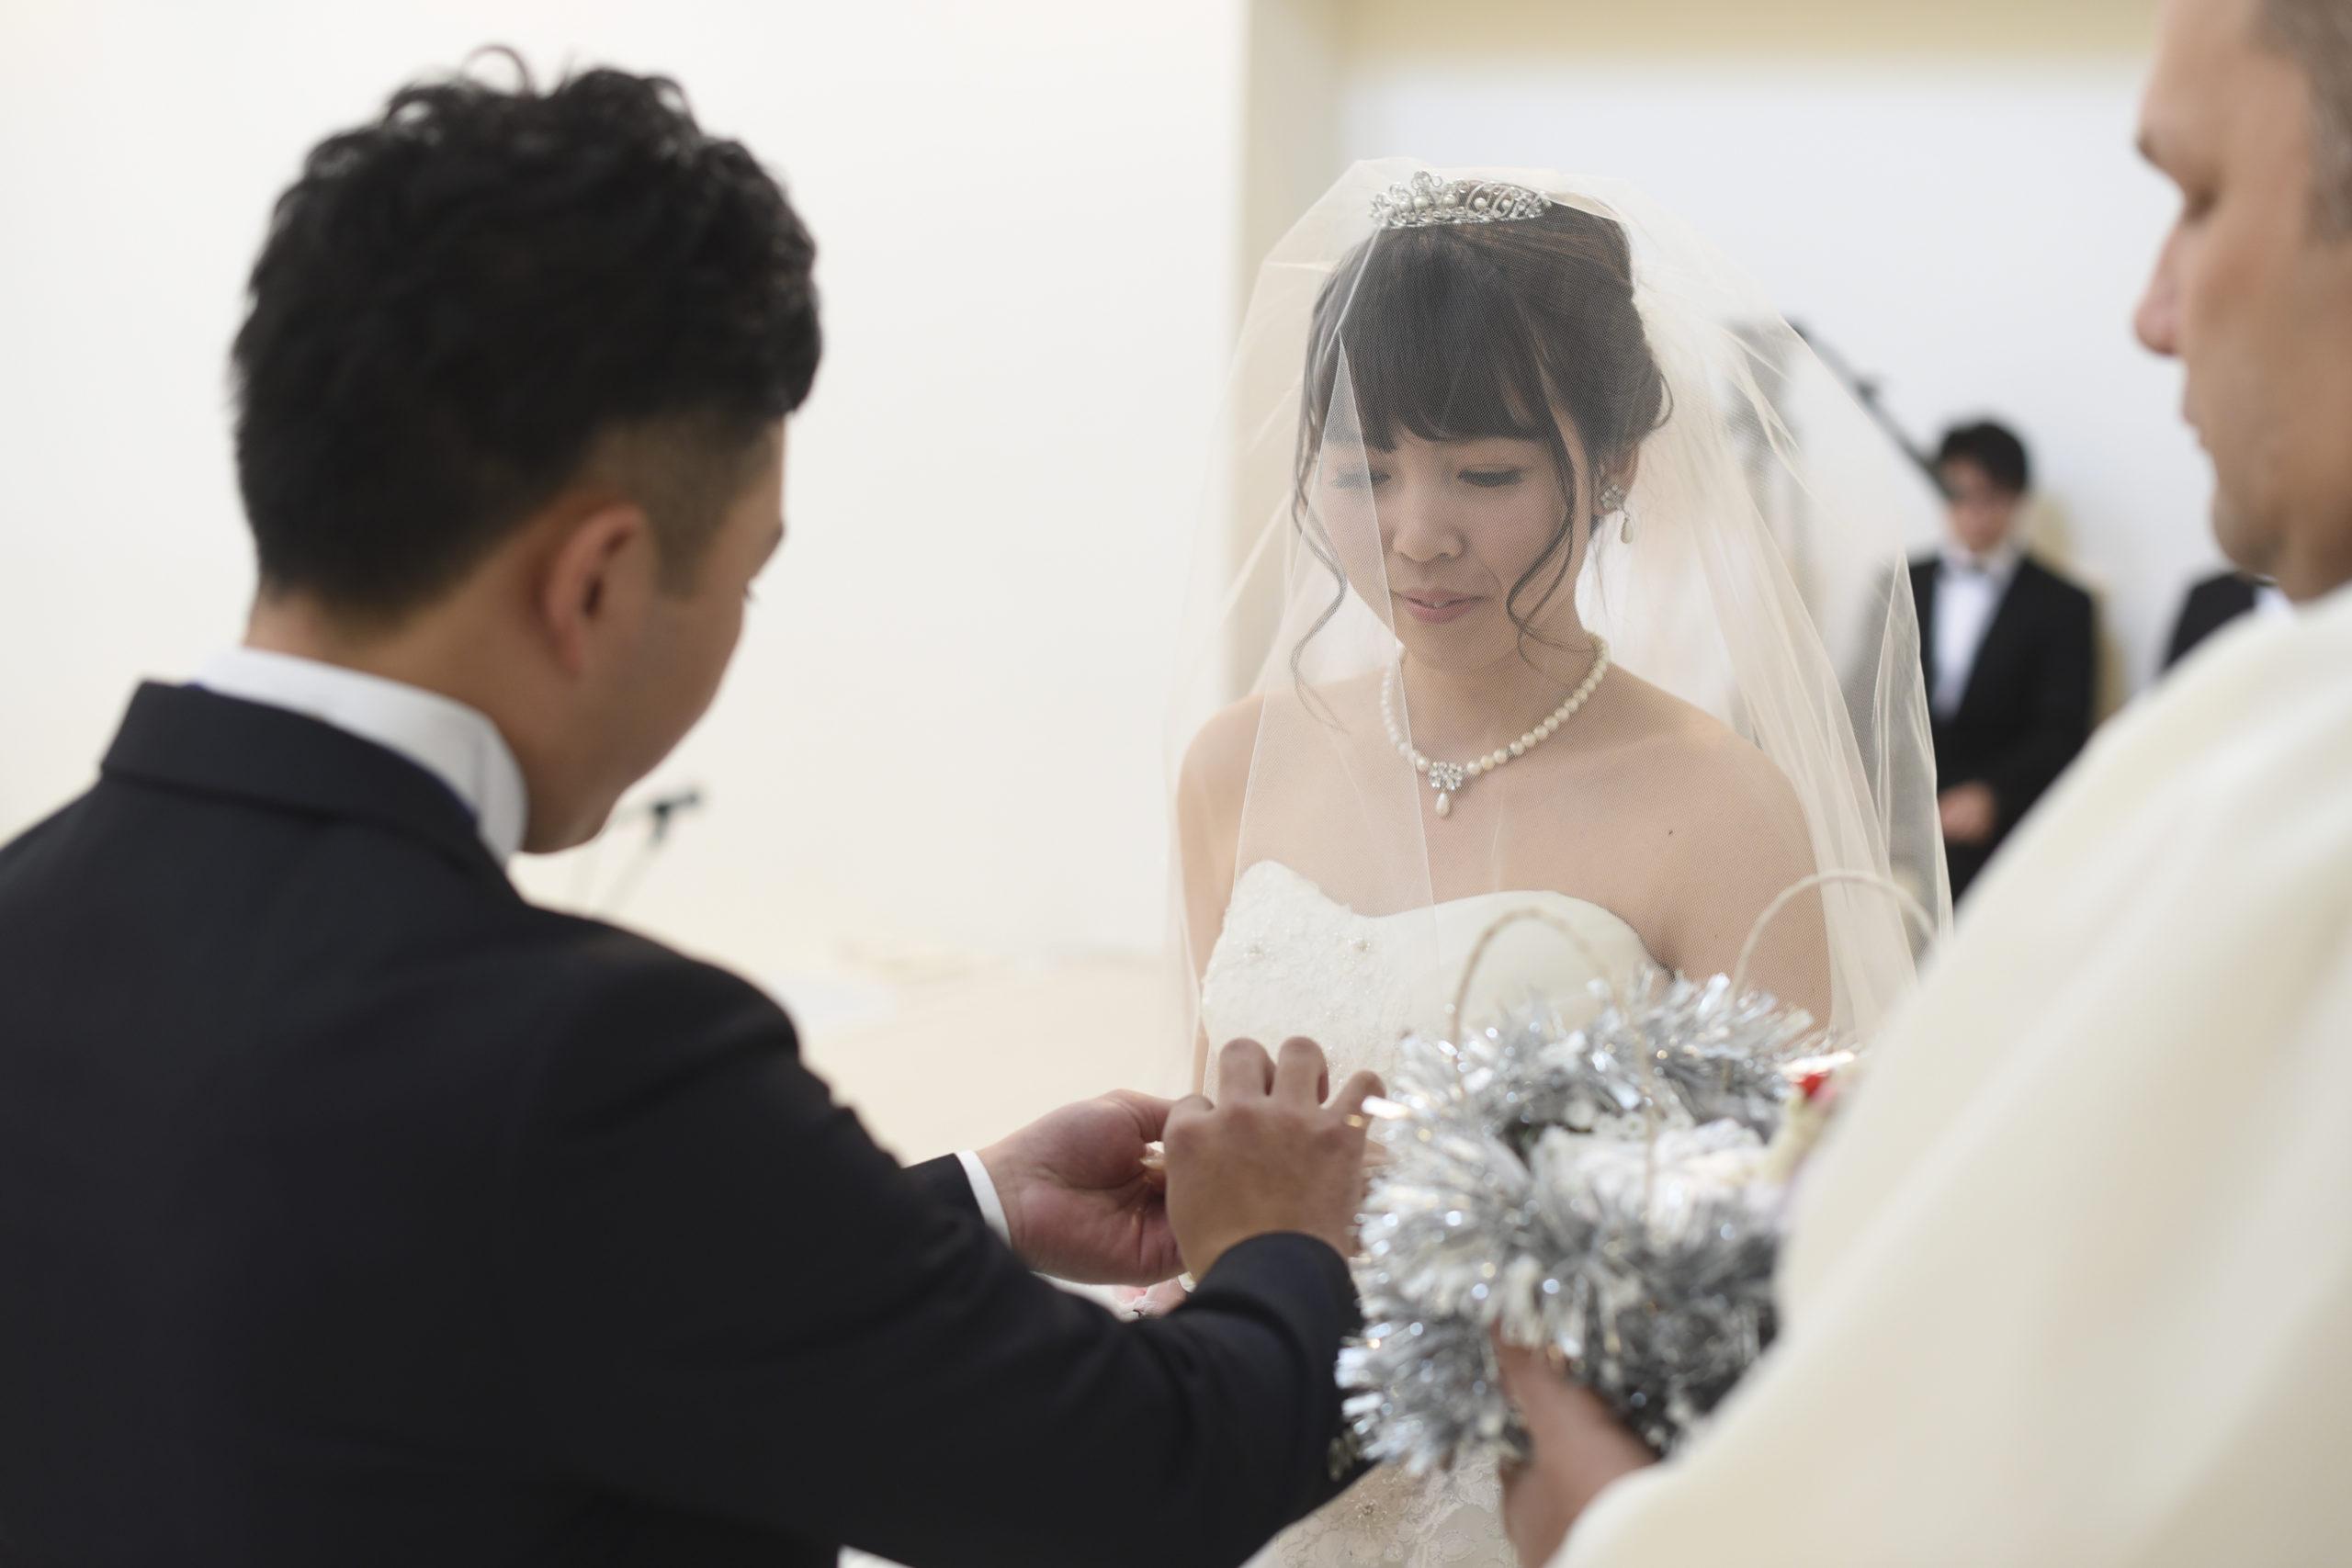 徳島市の結婚式場ブランアンジュで指輪の交換を行う新郎新婦様